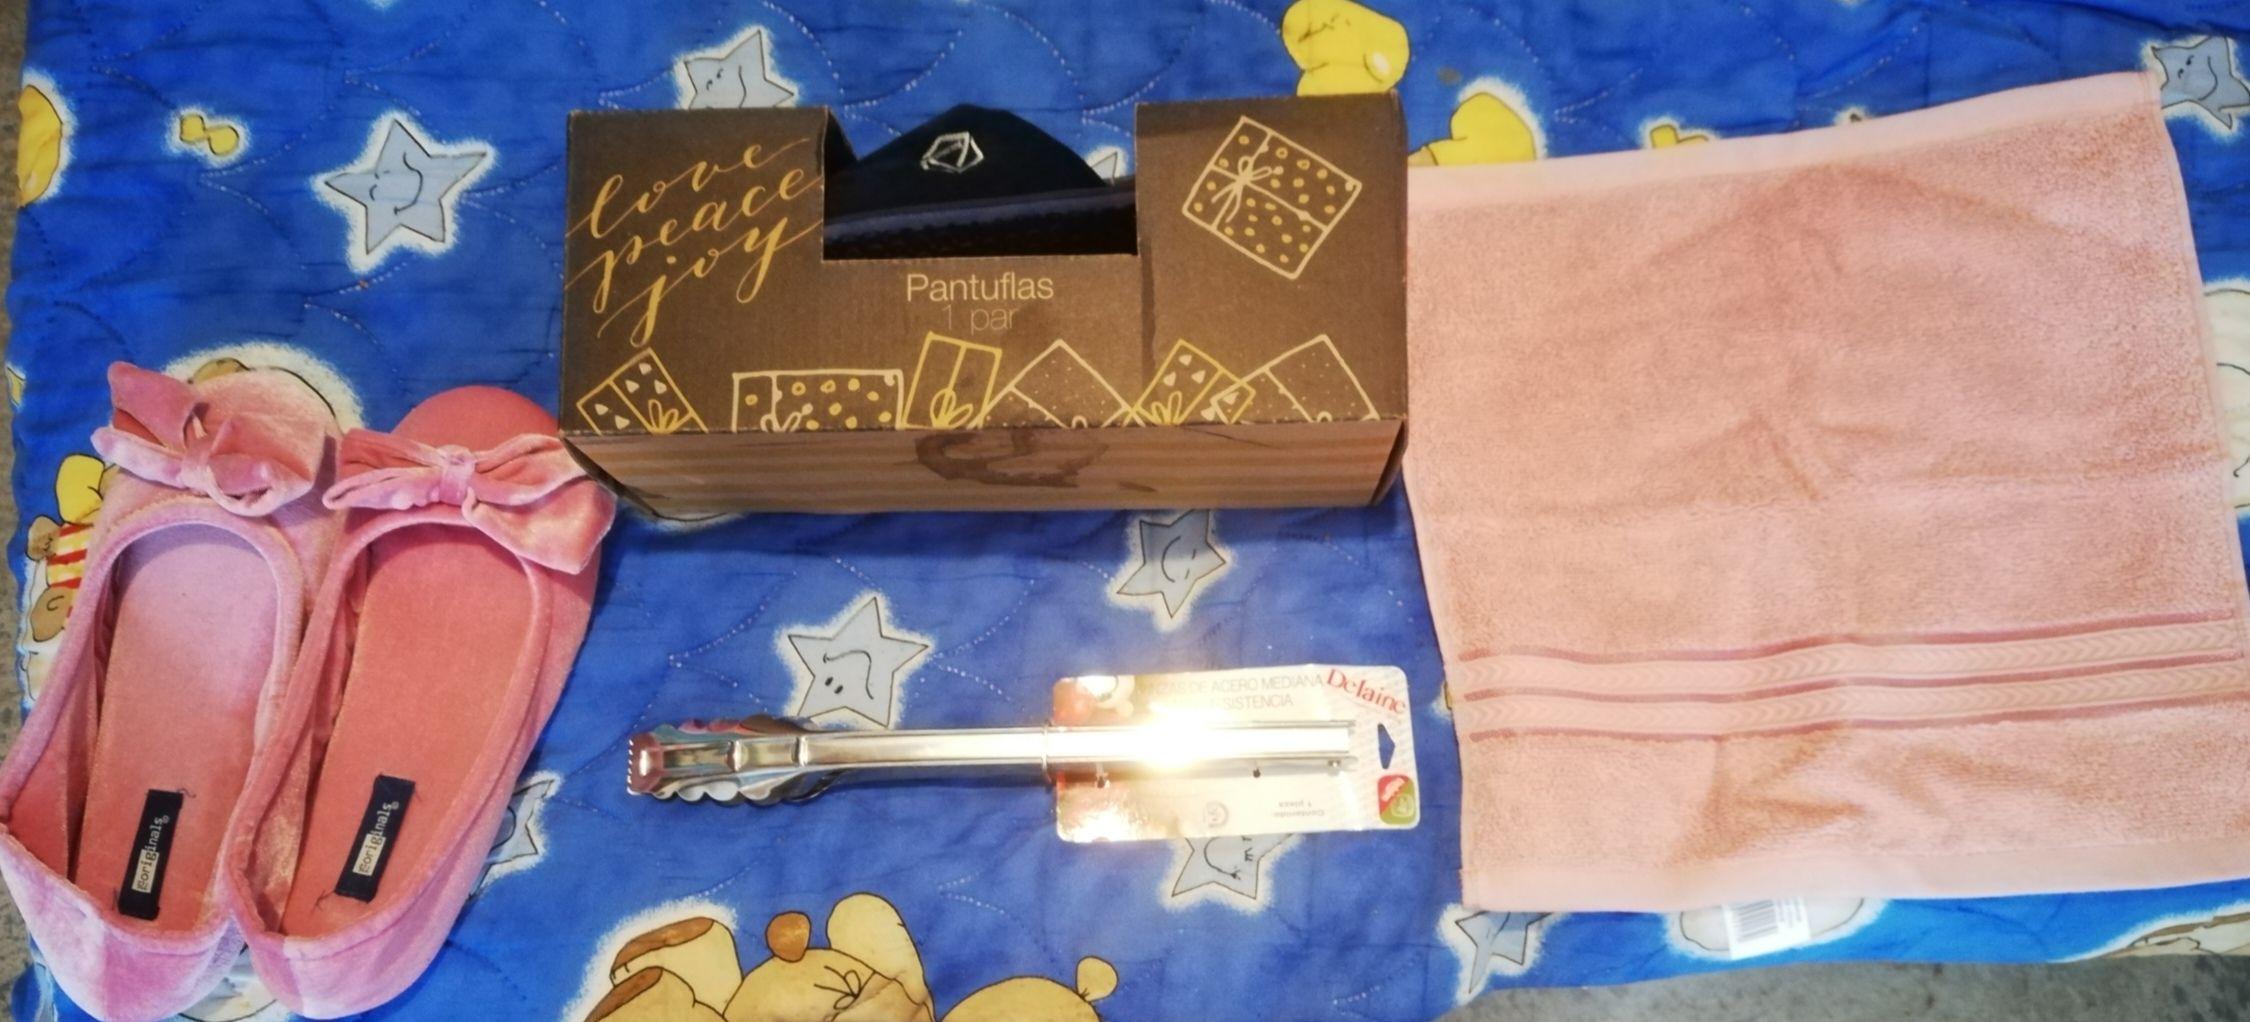 Walmart Pantuflas, pinsas y toalla